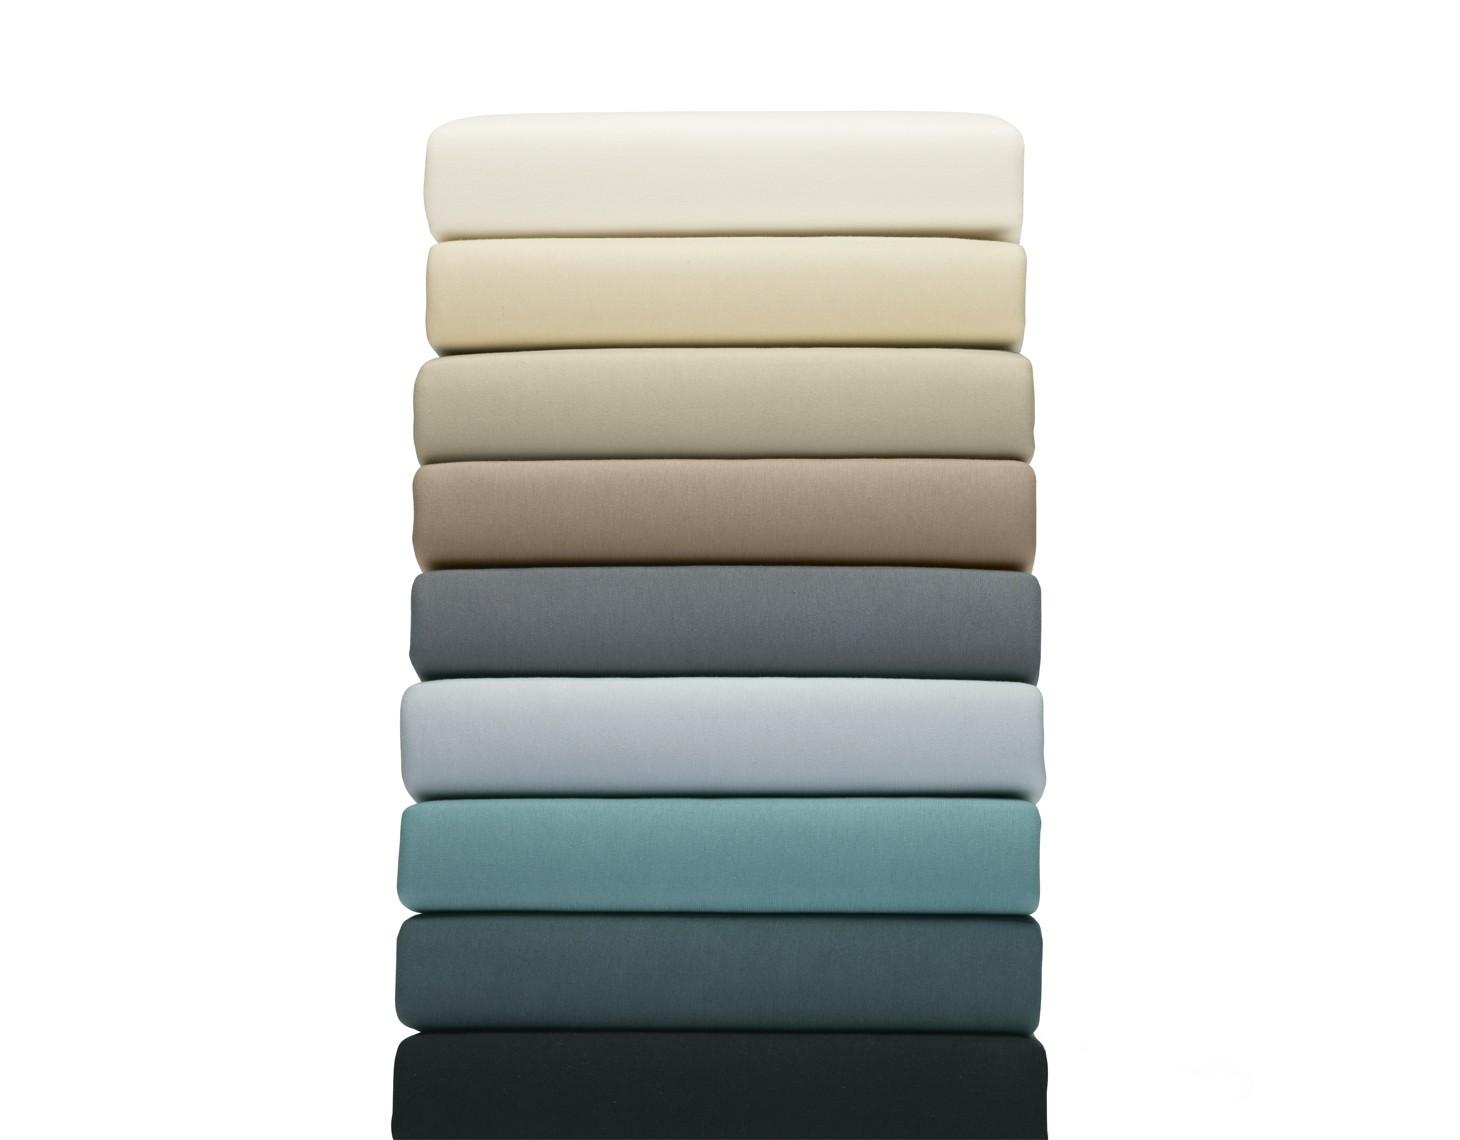 fixleintuch jersey 100 bio baumwolle vitalana nat rlich schlafen. Black Bedroom Furniture Sets. Home Design Ideas